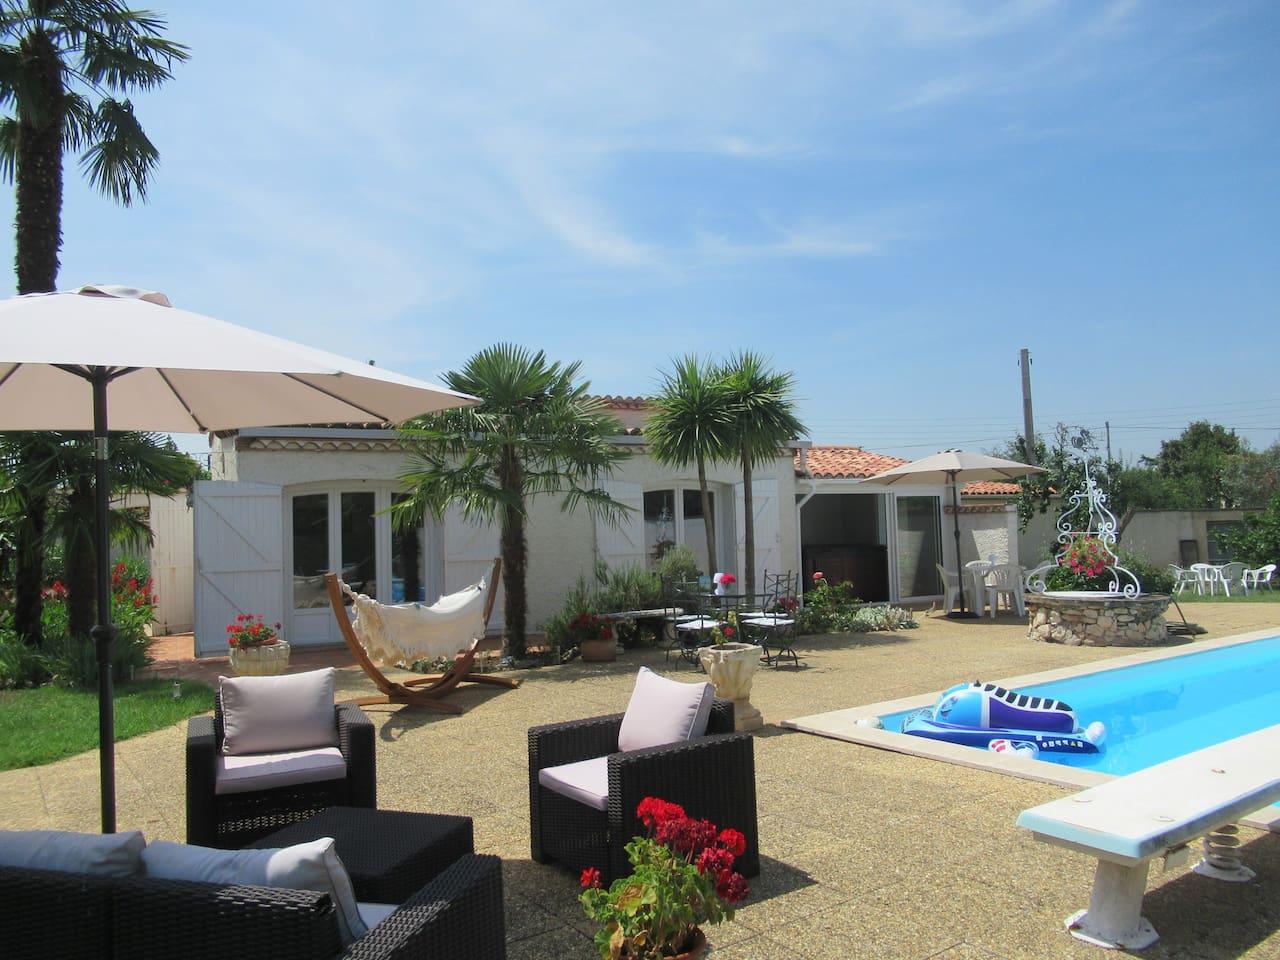 Le pavillon Ipanema : une touche d'exotisme au coeur de l'Occitanie. La piscine et le spa pour votre plaisir et votre confort.